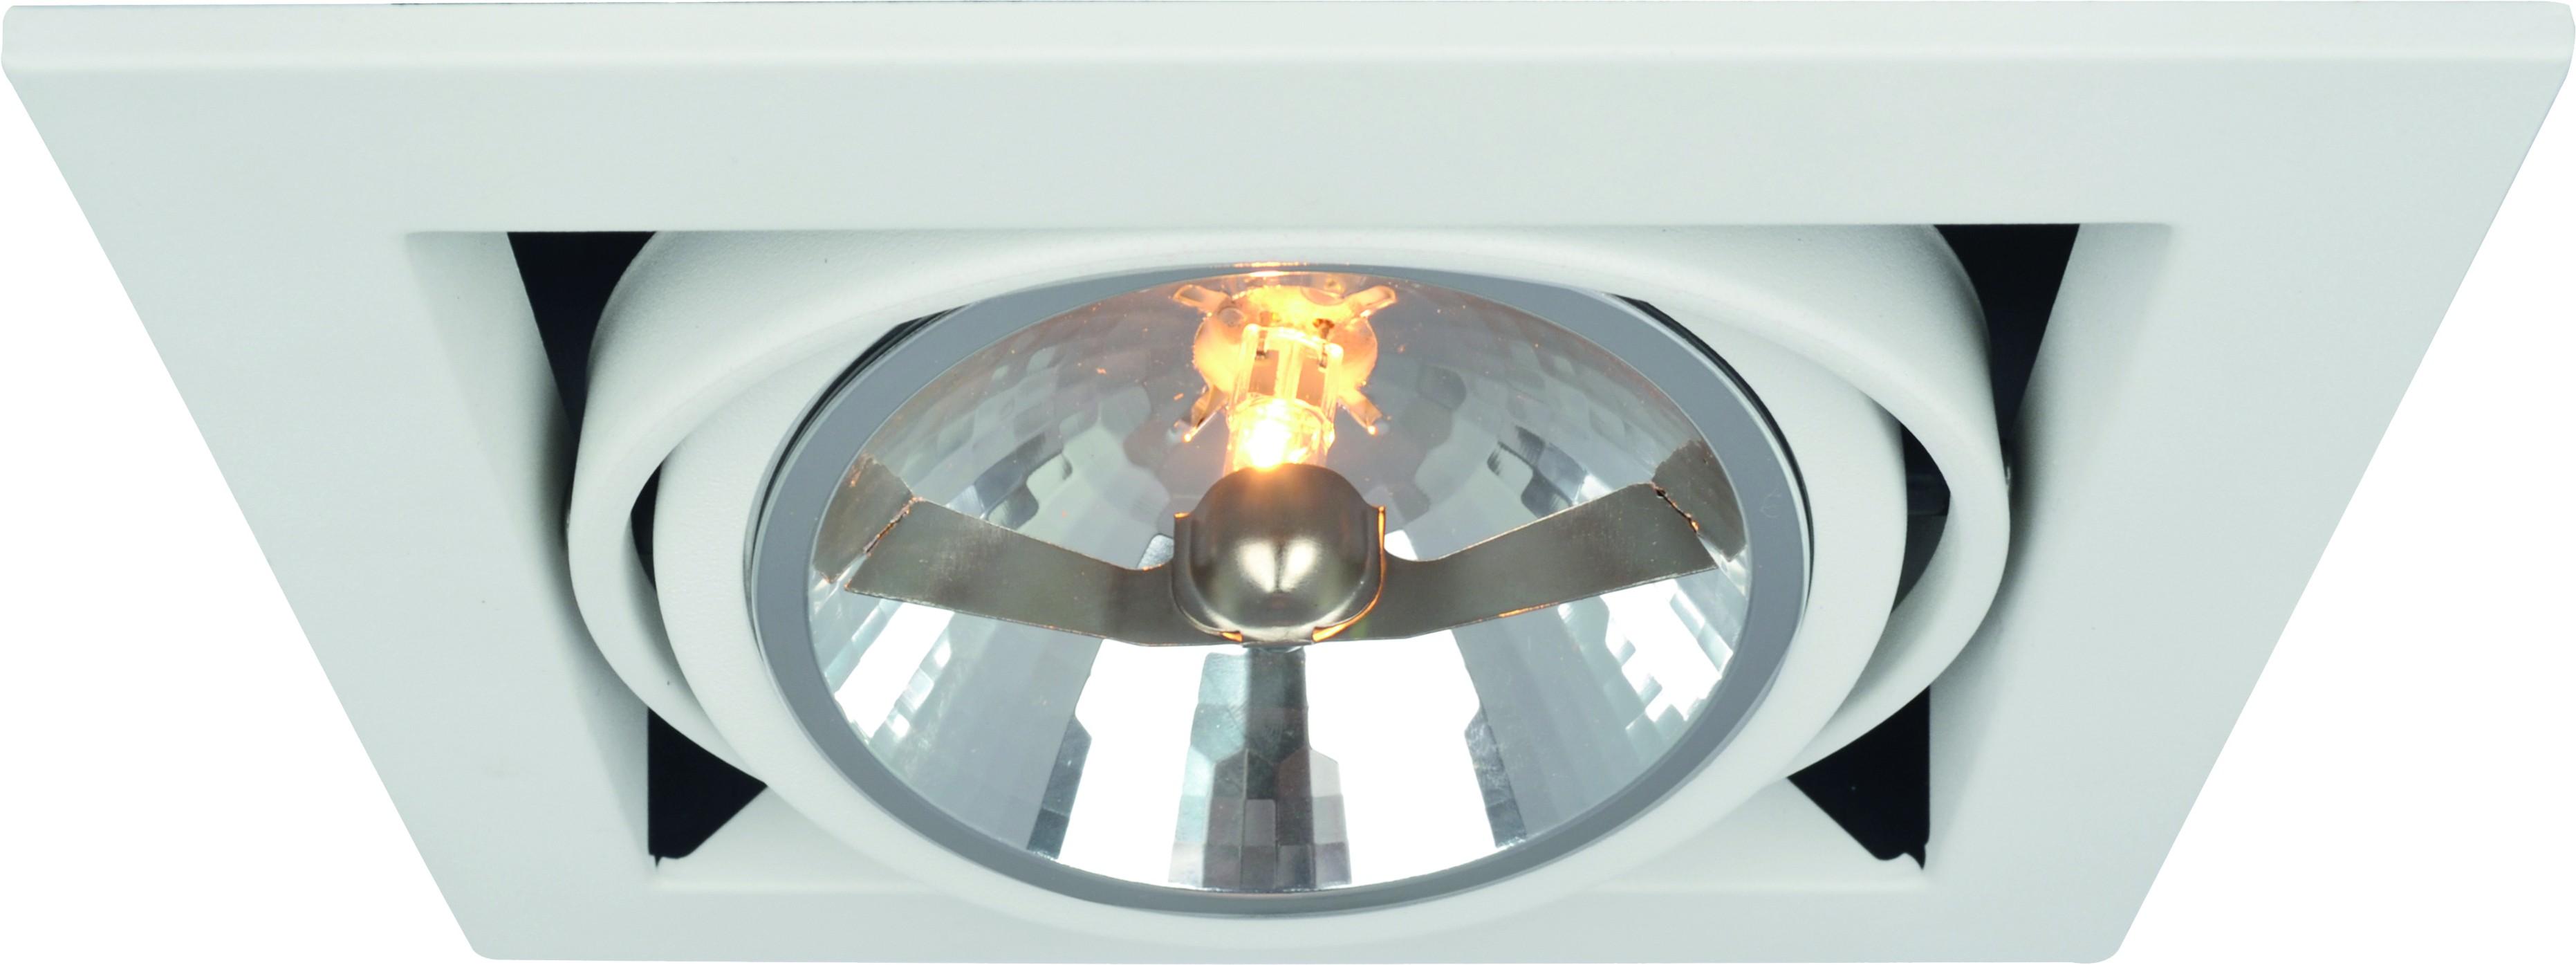 Светильник встраиваемый Arte lamp A5935pl-1wh встраиваемый светильник arte lamp cielo a7314pl 1wh